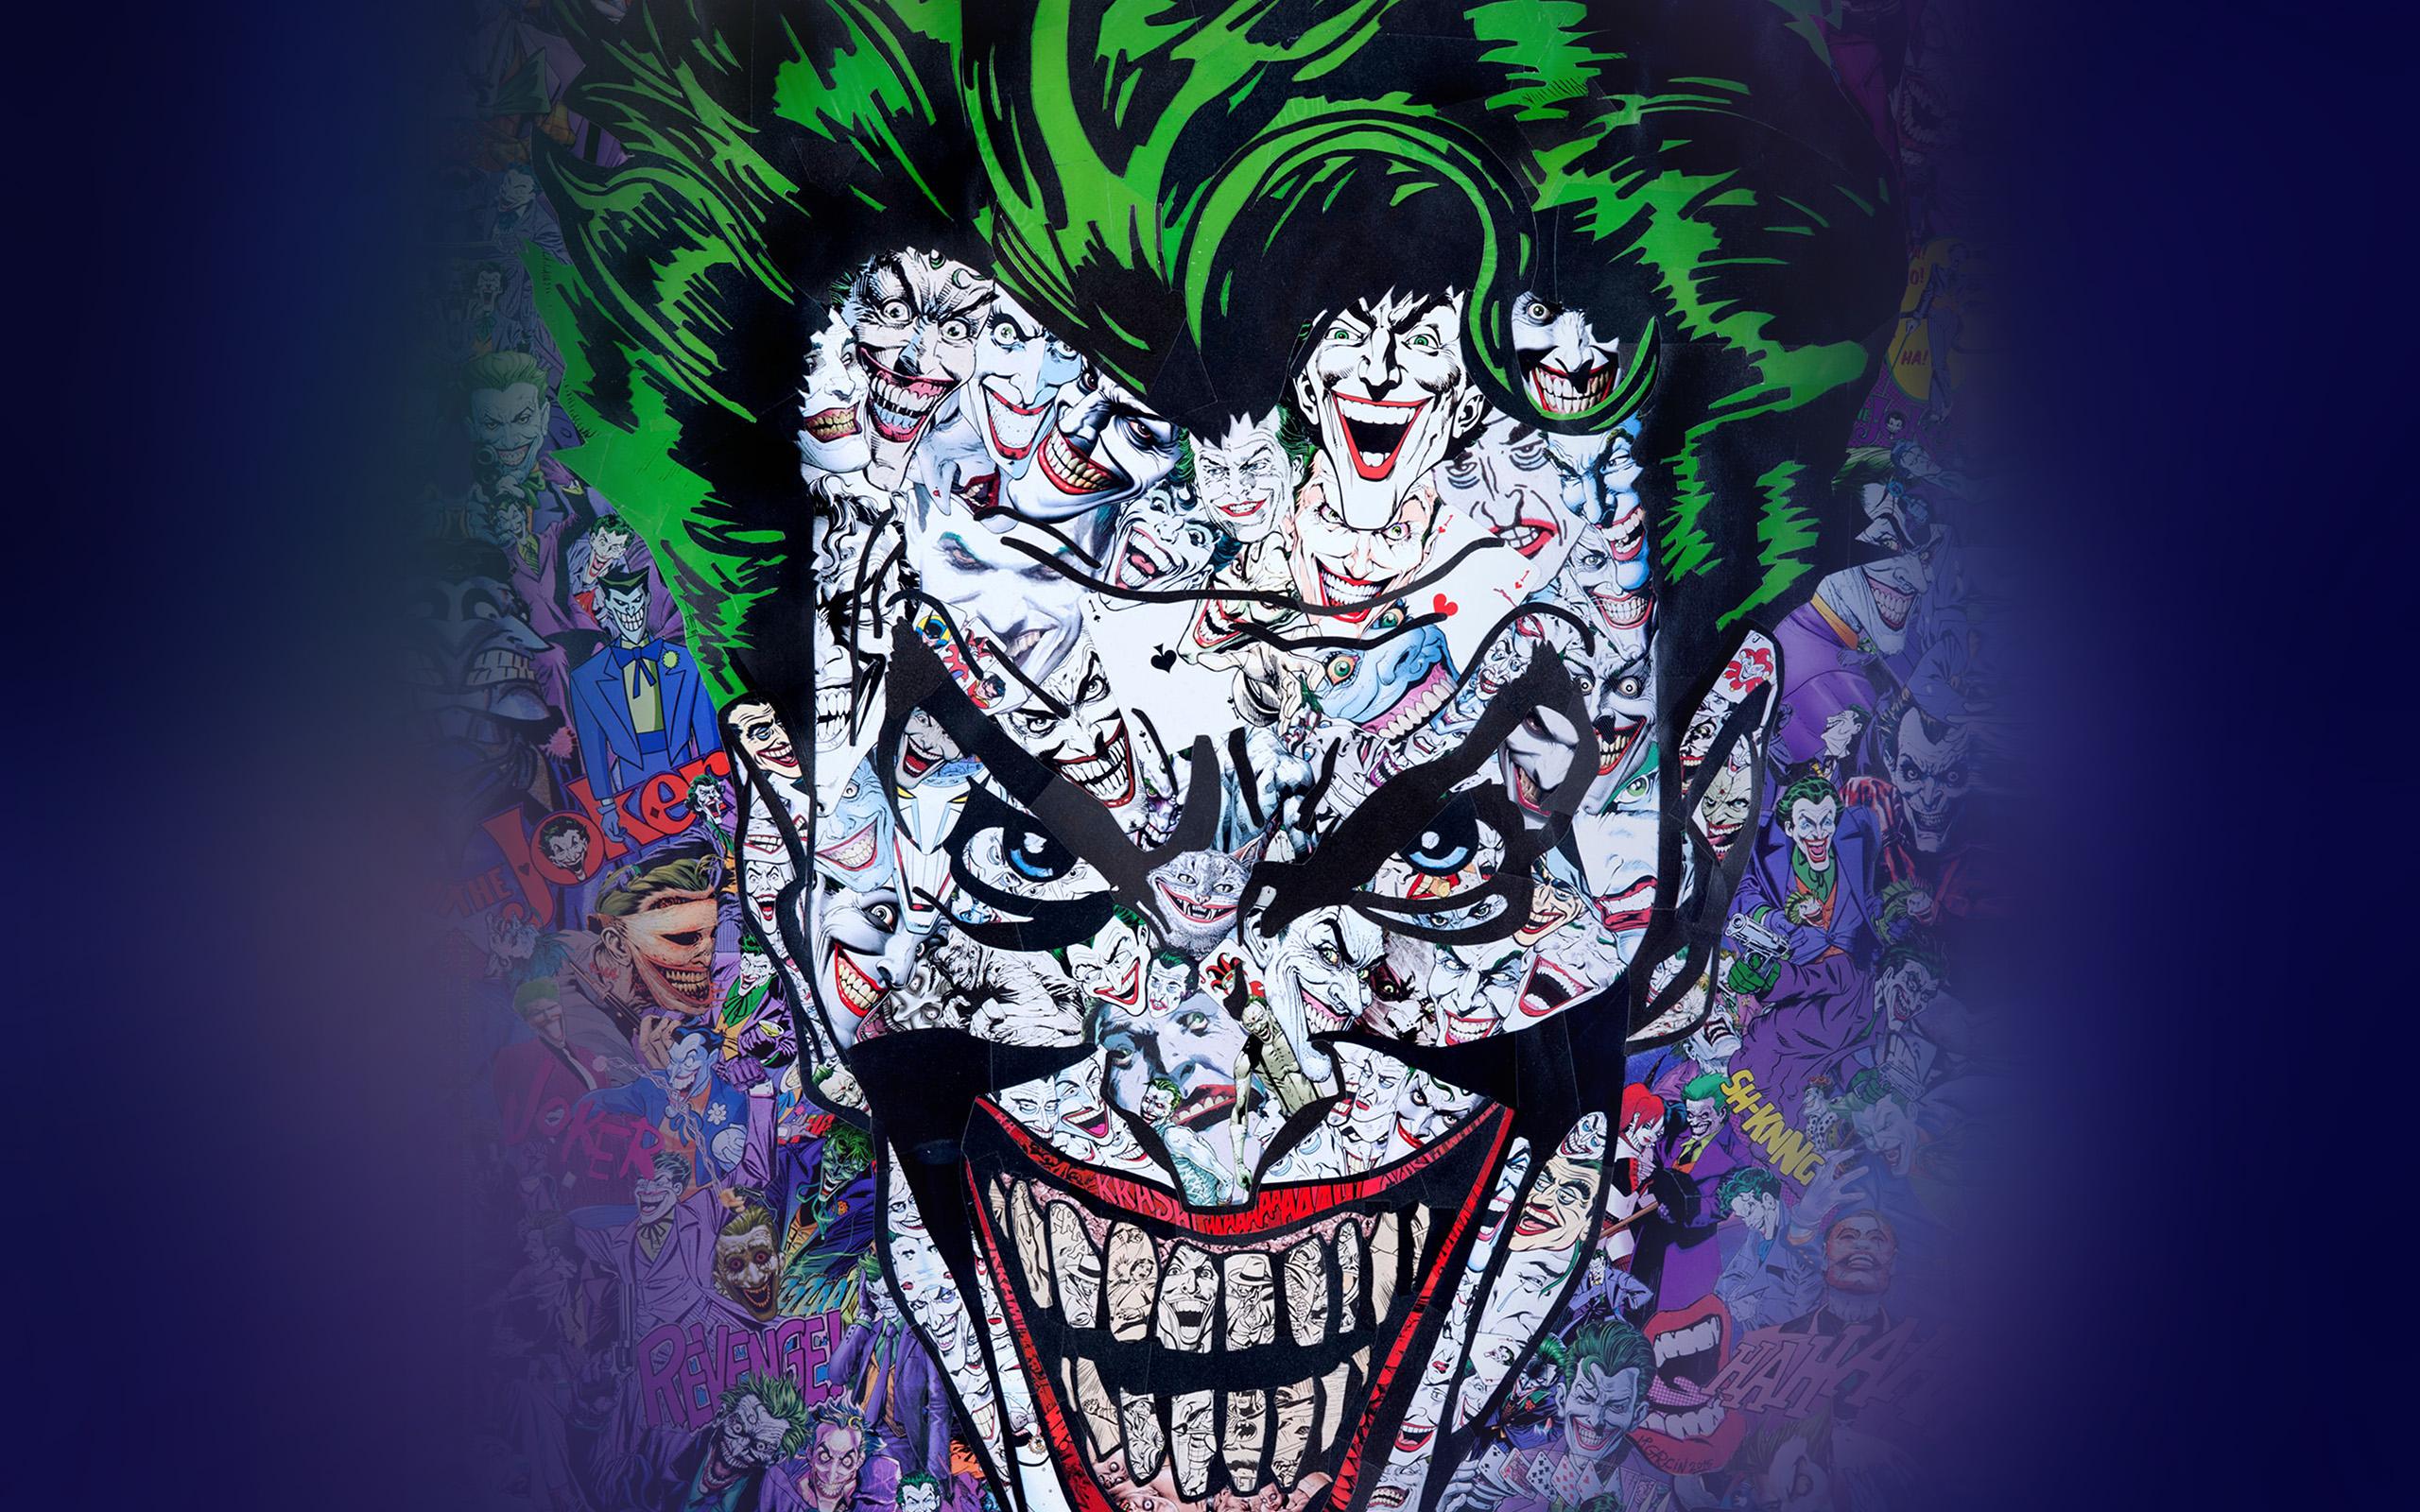 Wallpaper Iphone Hd Keren Au55 Joker Art Face Illustration Art Wallpaper